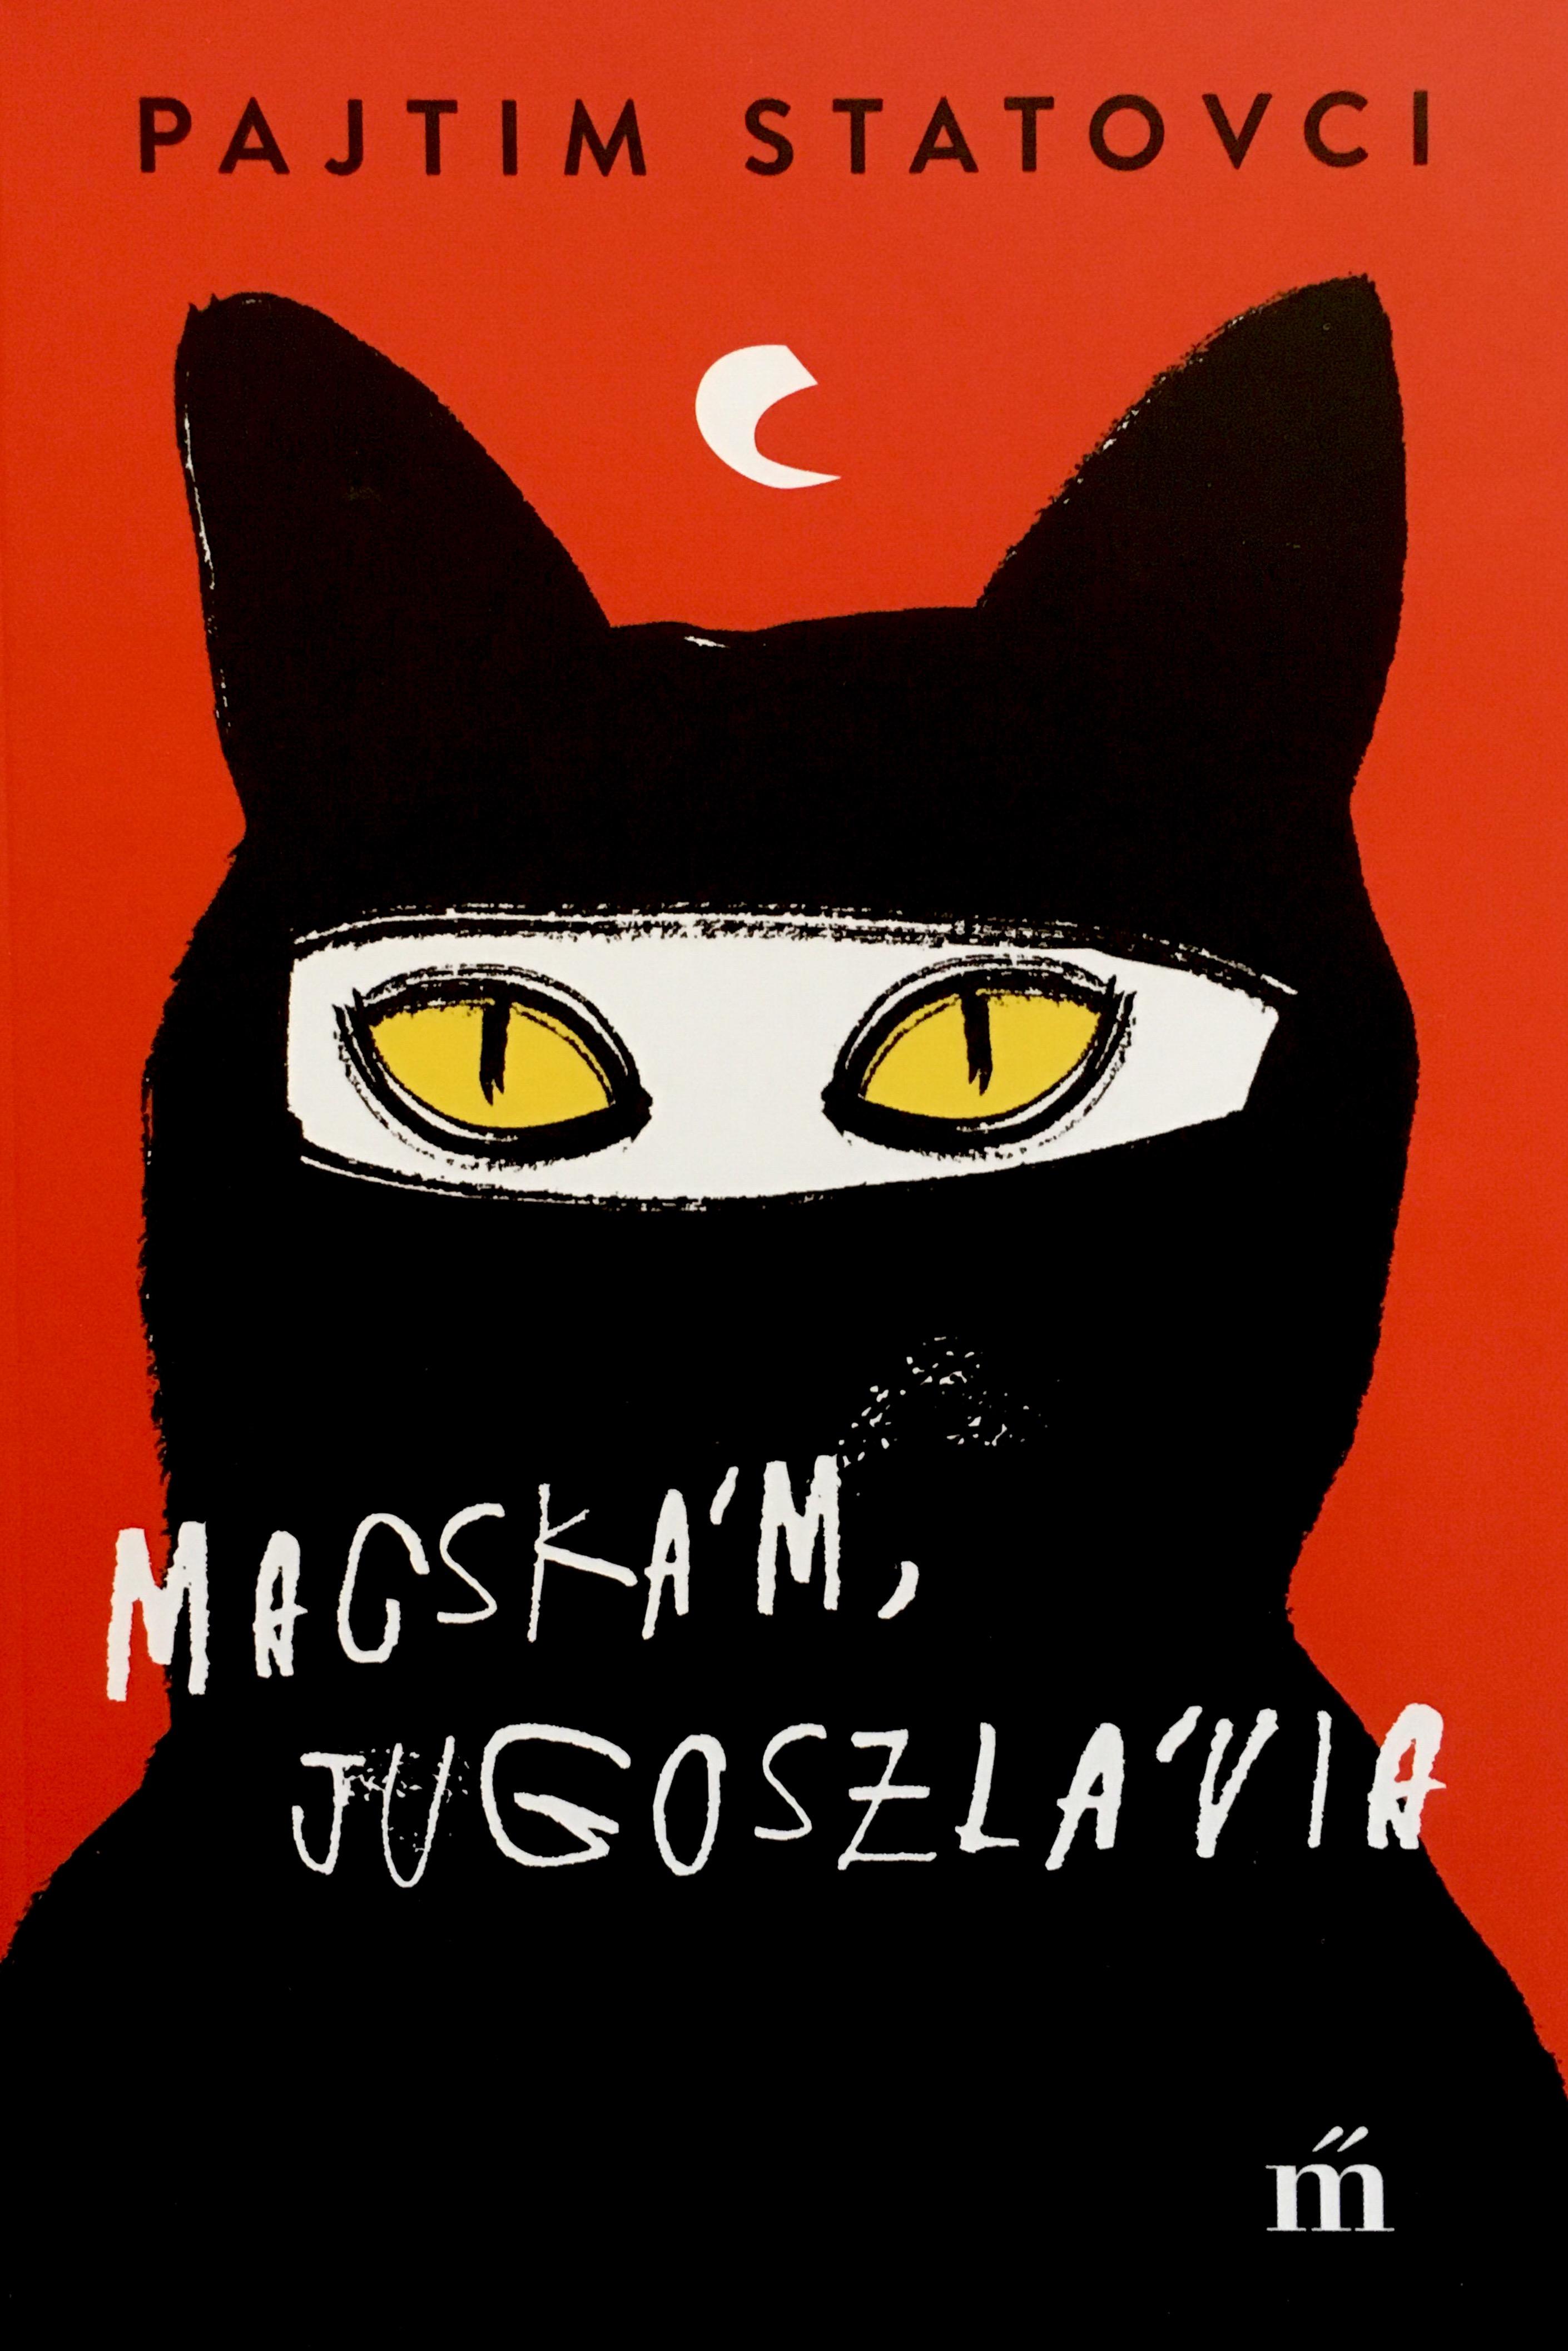 macskam_jugoszlavia02.jpg